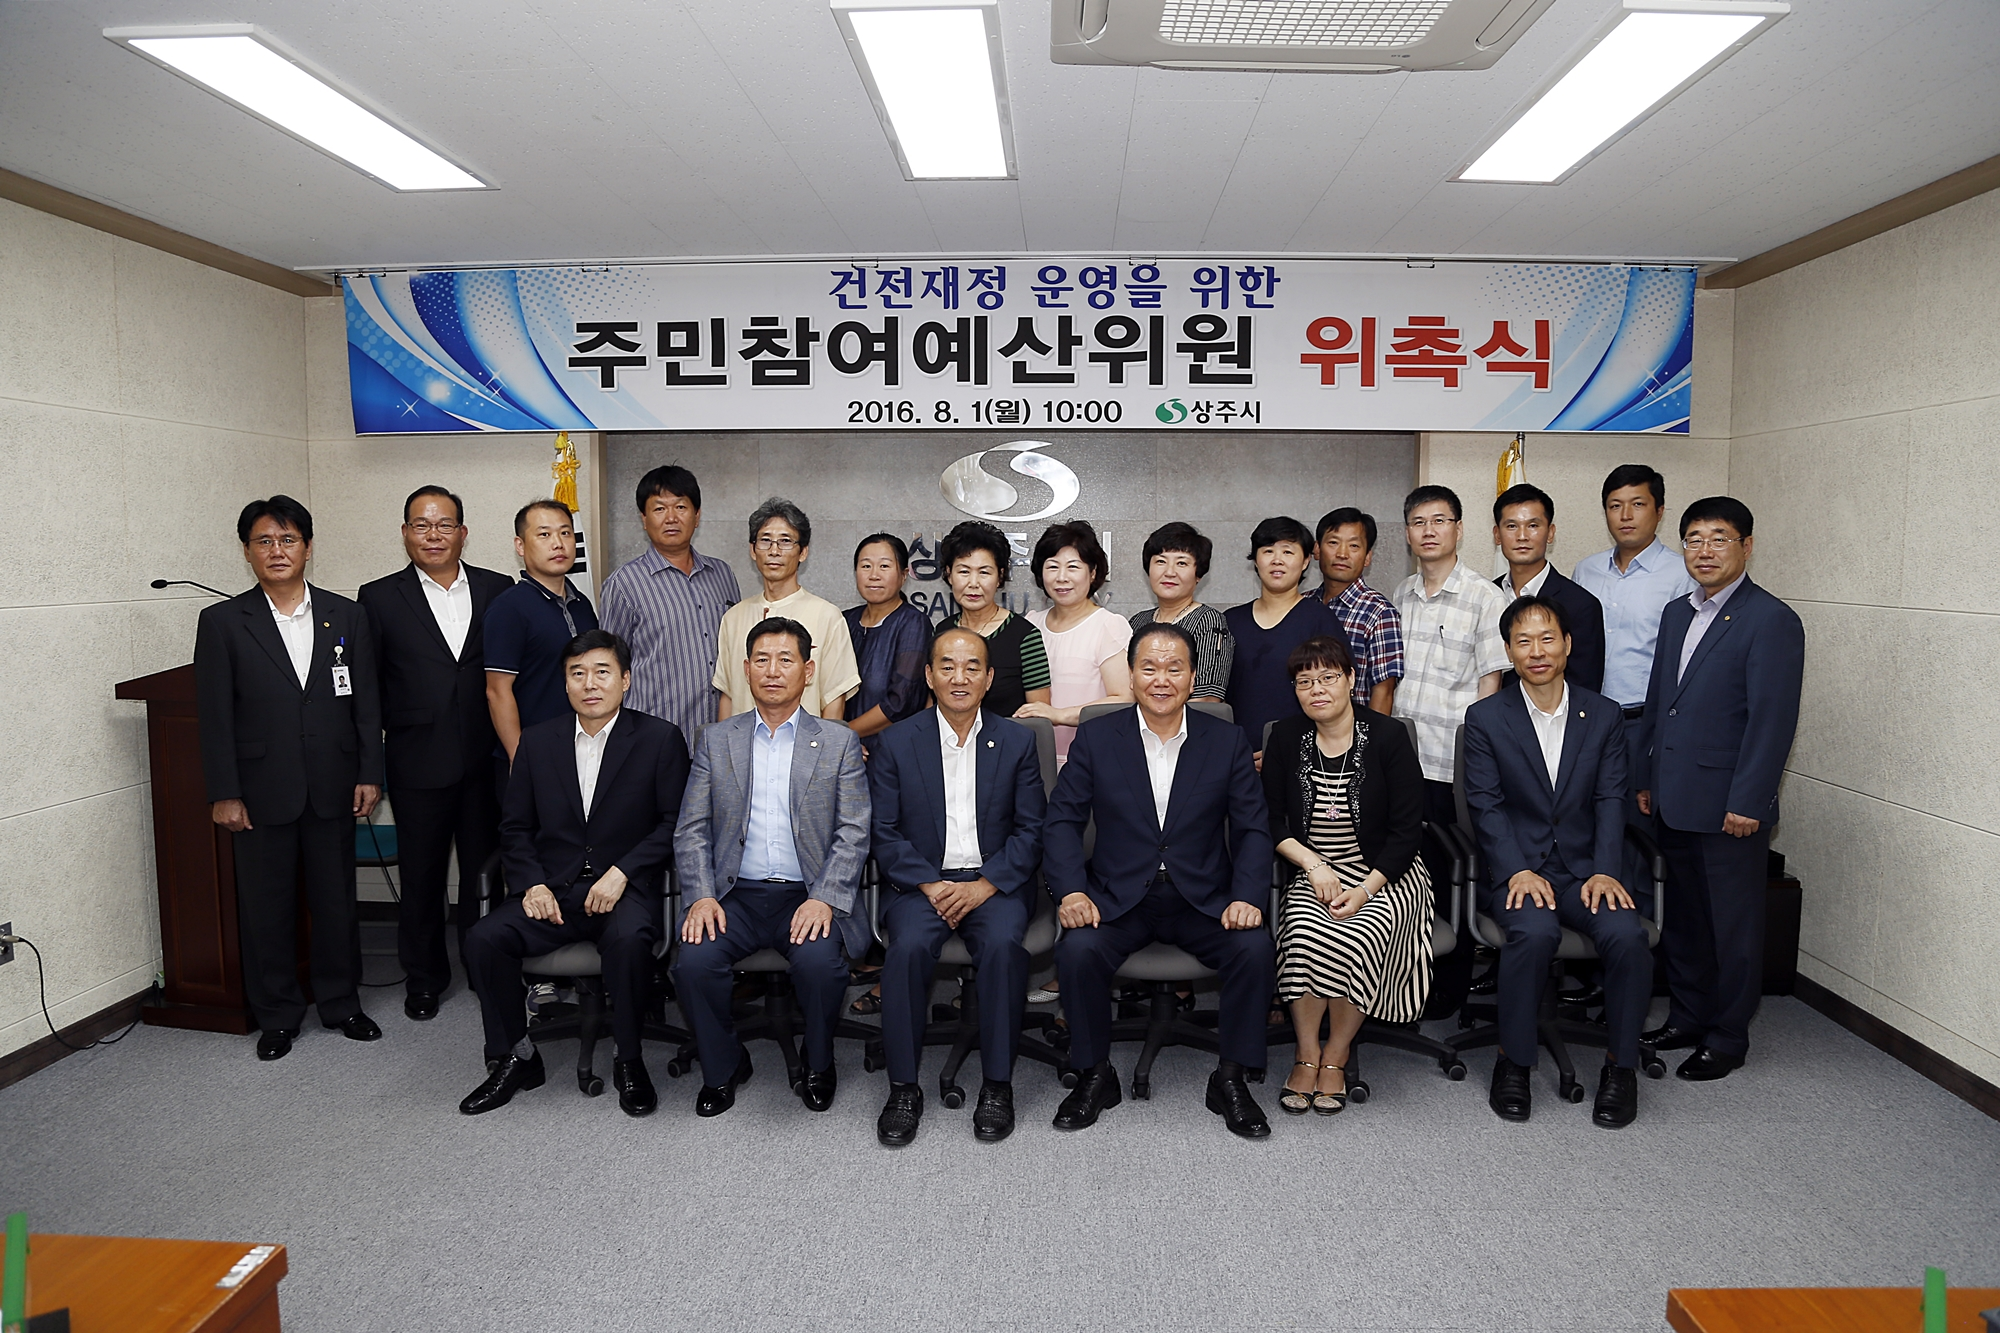 주민참여 예산위원 위촉장 수여 기념사진(20160801)-01 copy.JPG